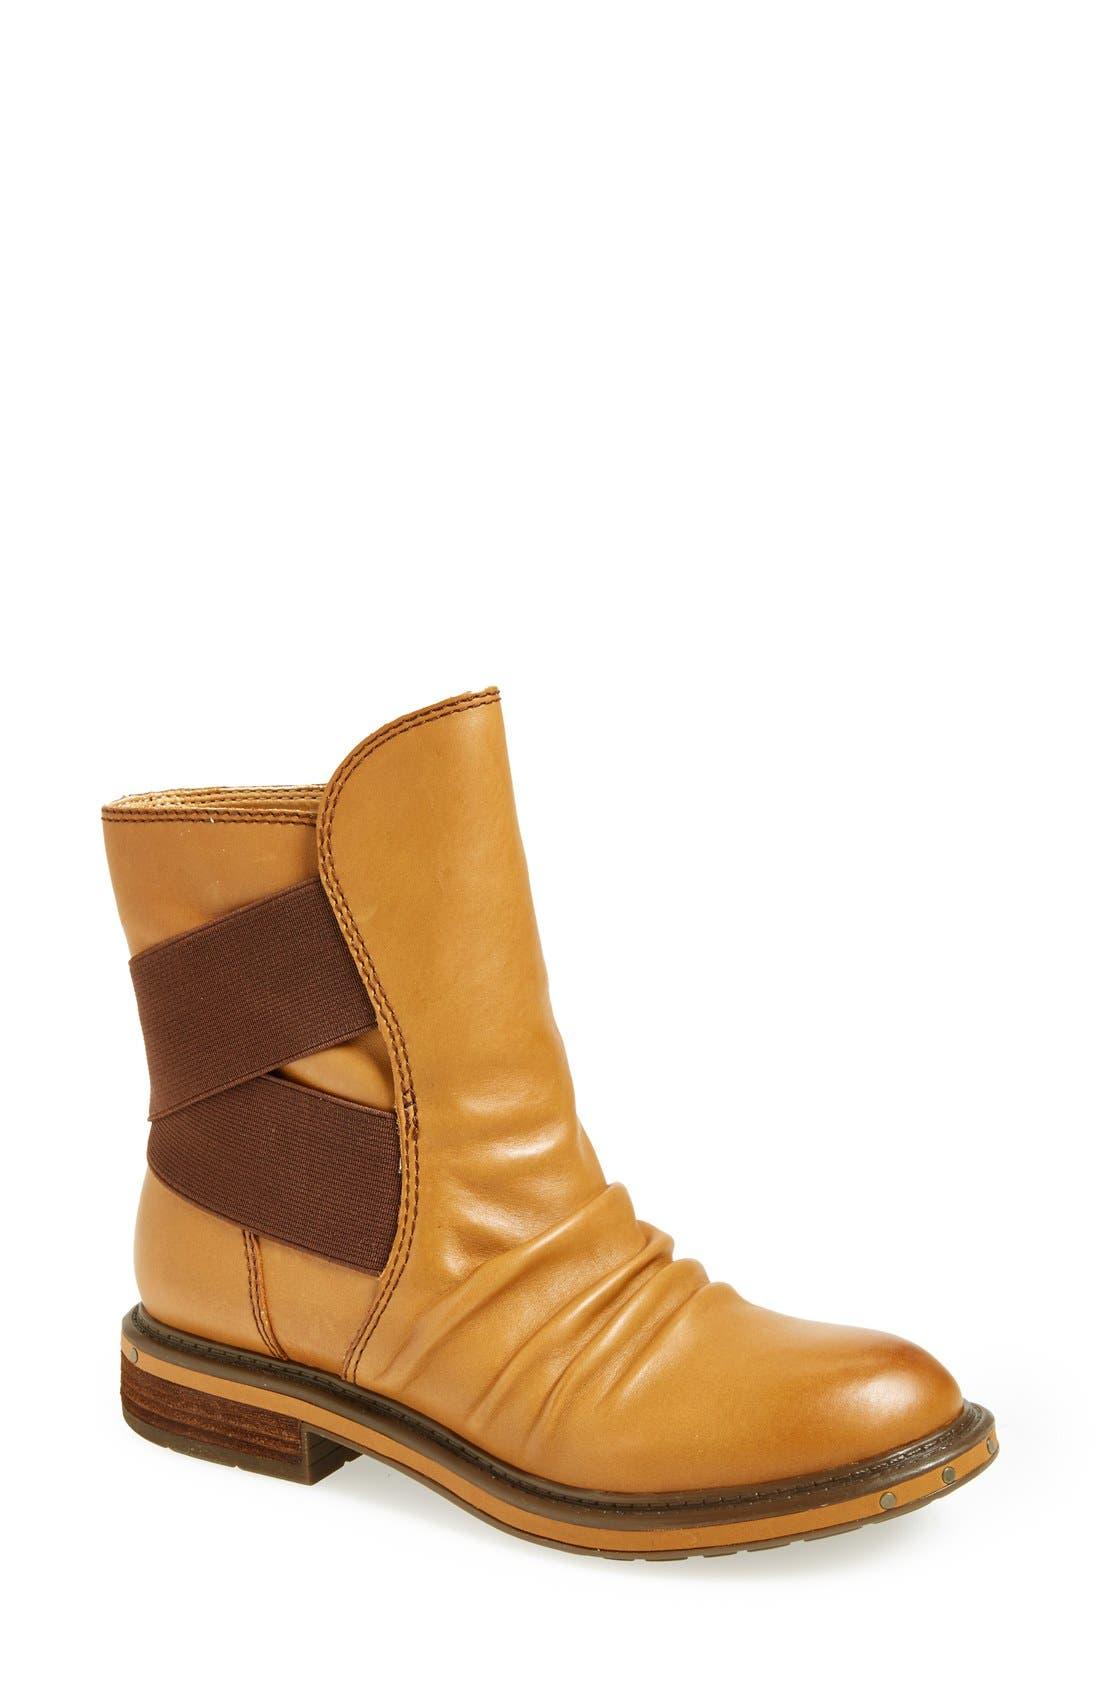 Main Image - Naya 'Retro' Boot (Women)